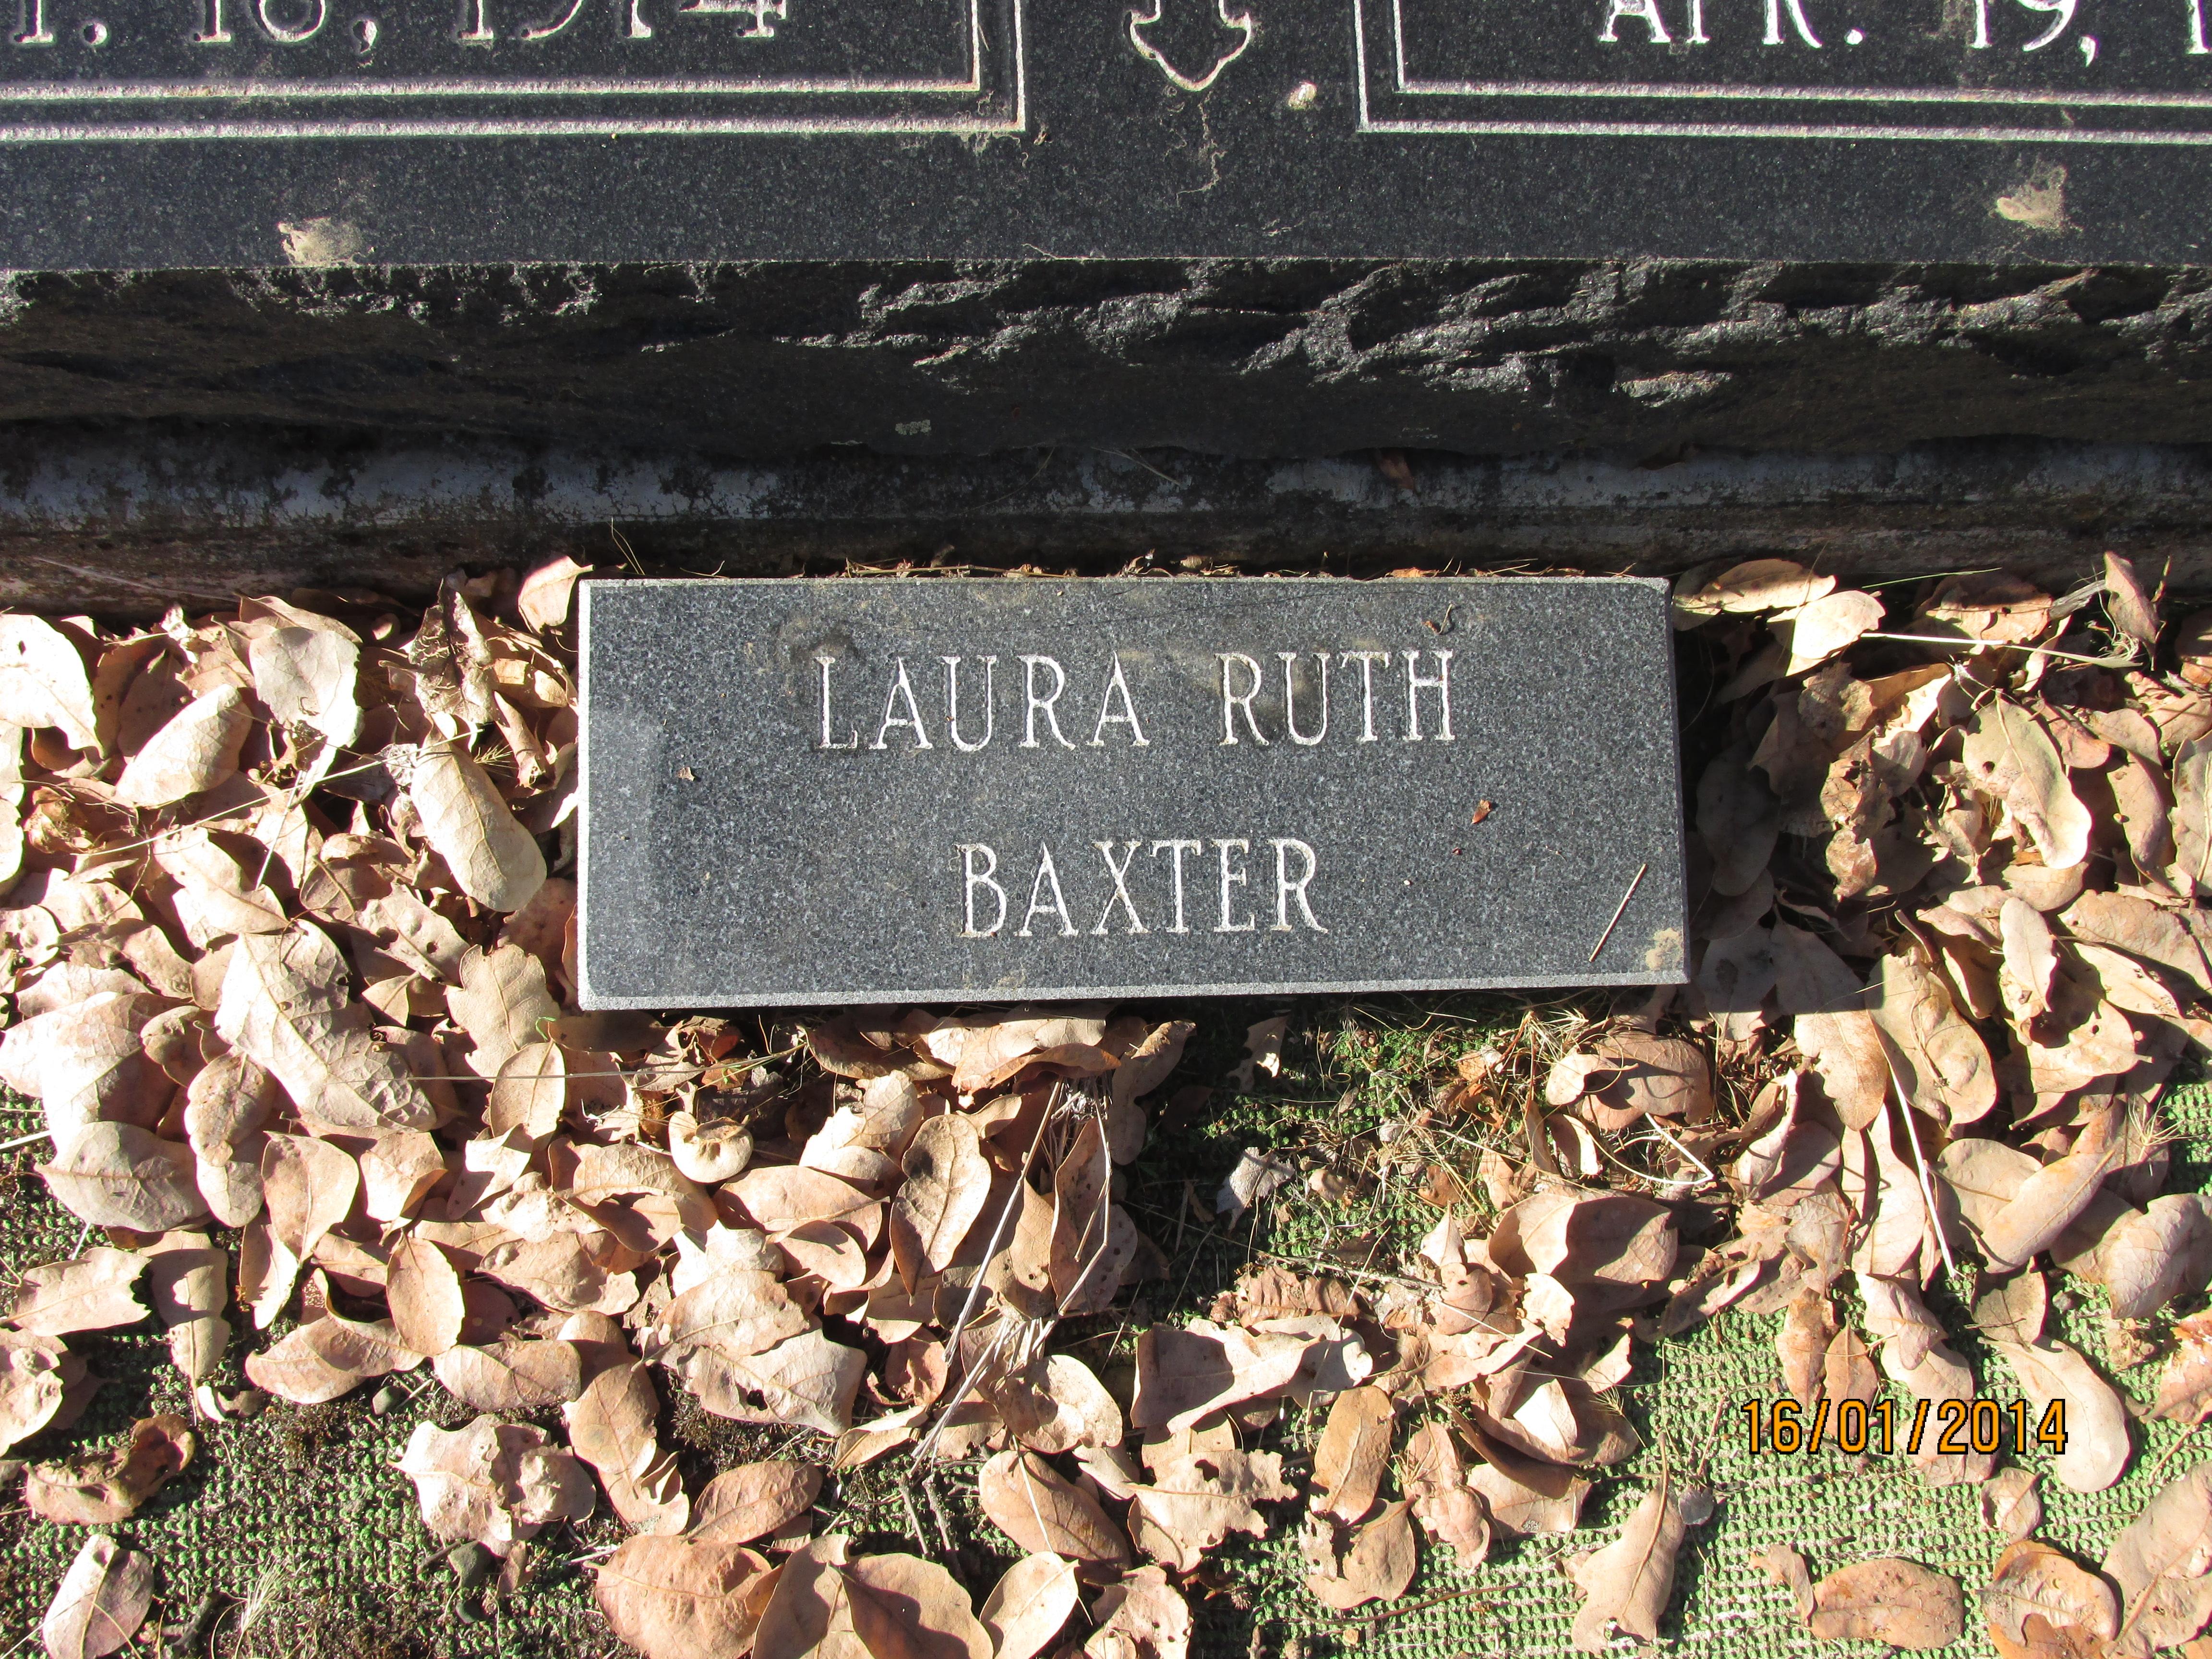 Laura Ruth Baxter